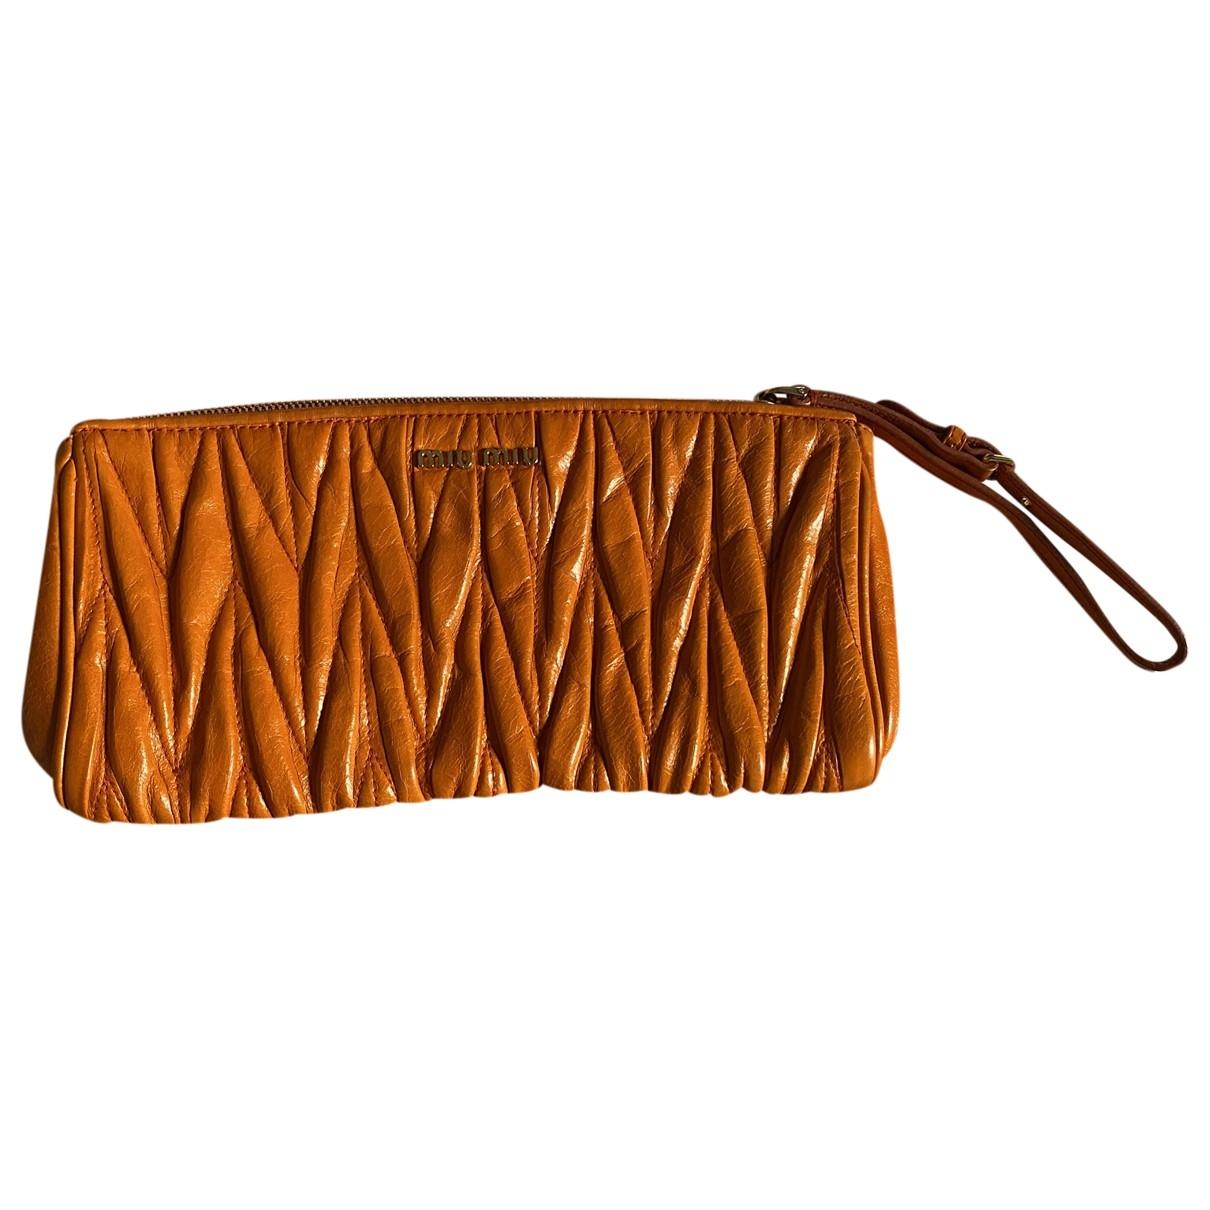 Miu Miu Matelassé Orange Leather Clutch bag for Women \N